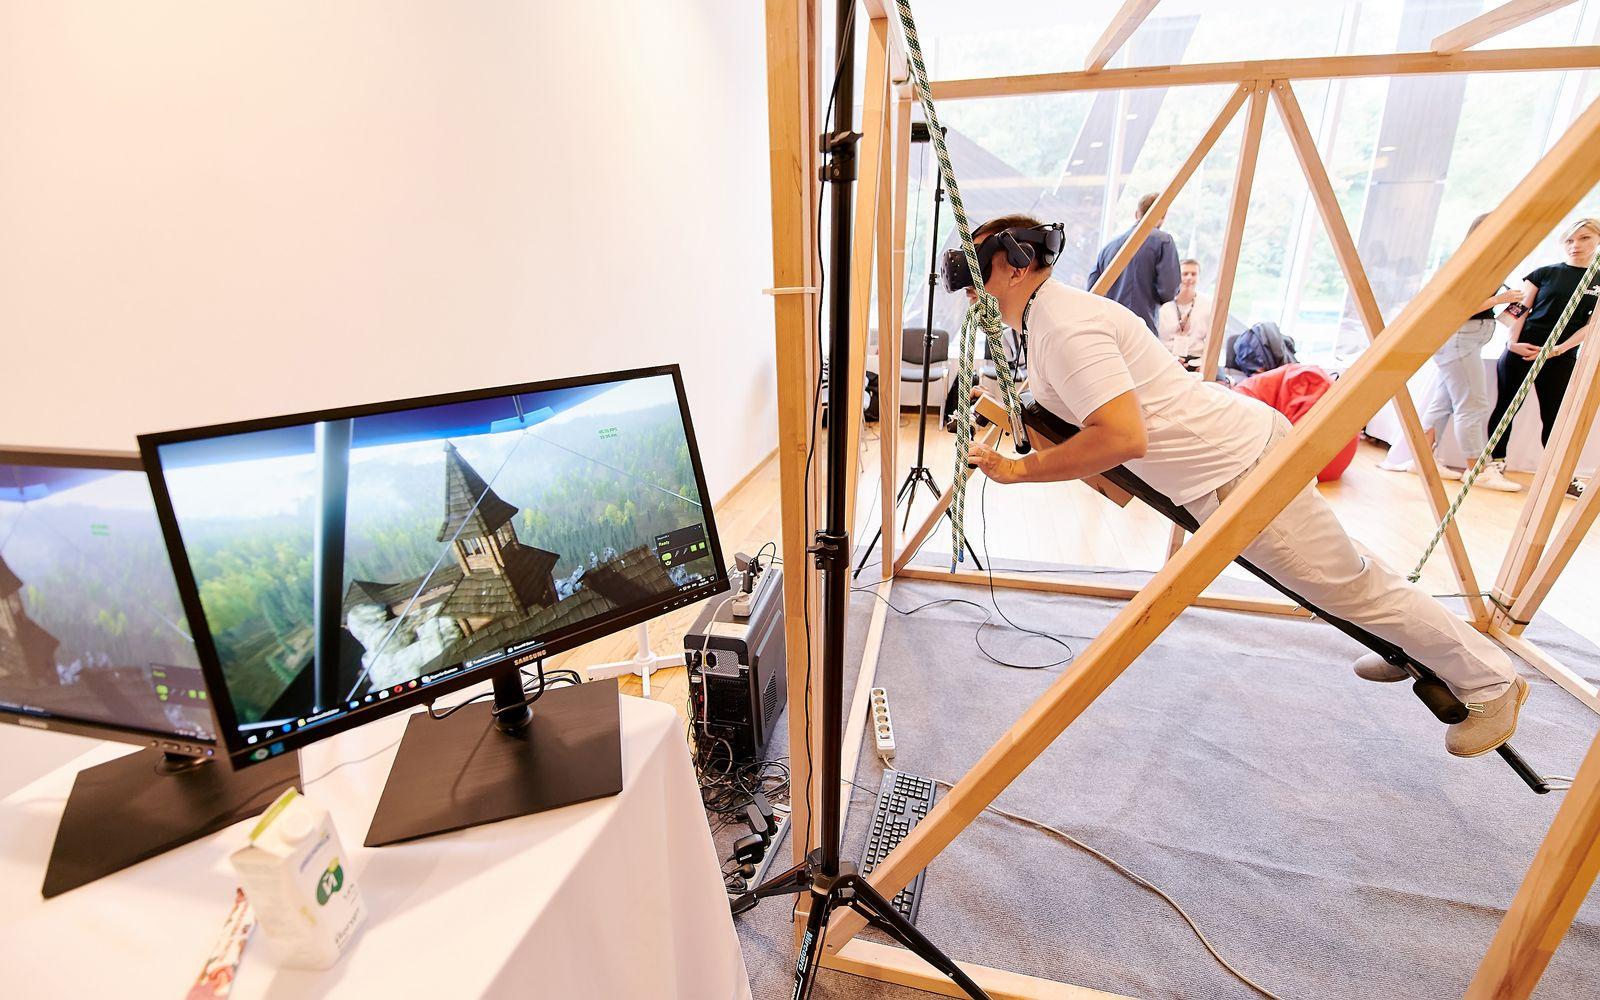 🏯 Фортеця Тустань презентує локацію віртуальної реальності: як VR відтворює середньовіччя